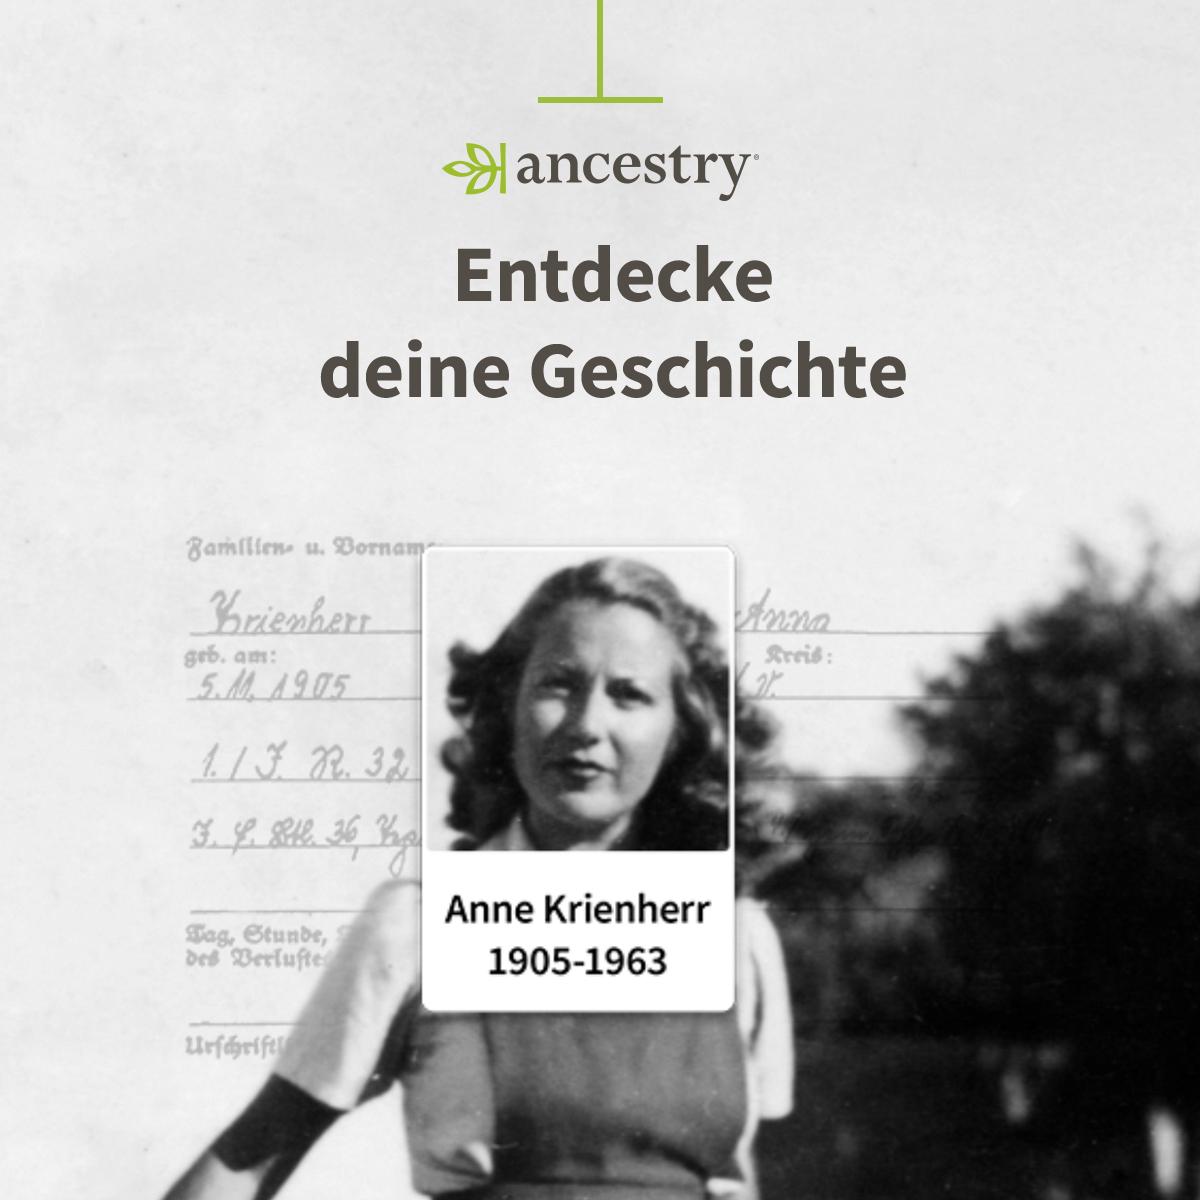 Gratis Zugriff auf historische Aufzeichnungen zum 2. Weltkrieg bei Ancestry (bis 03.09)